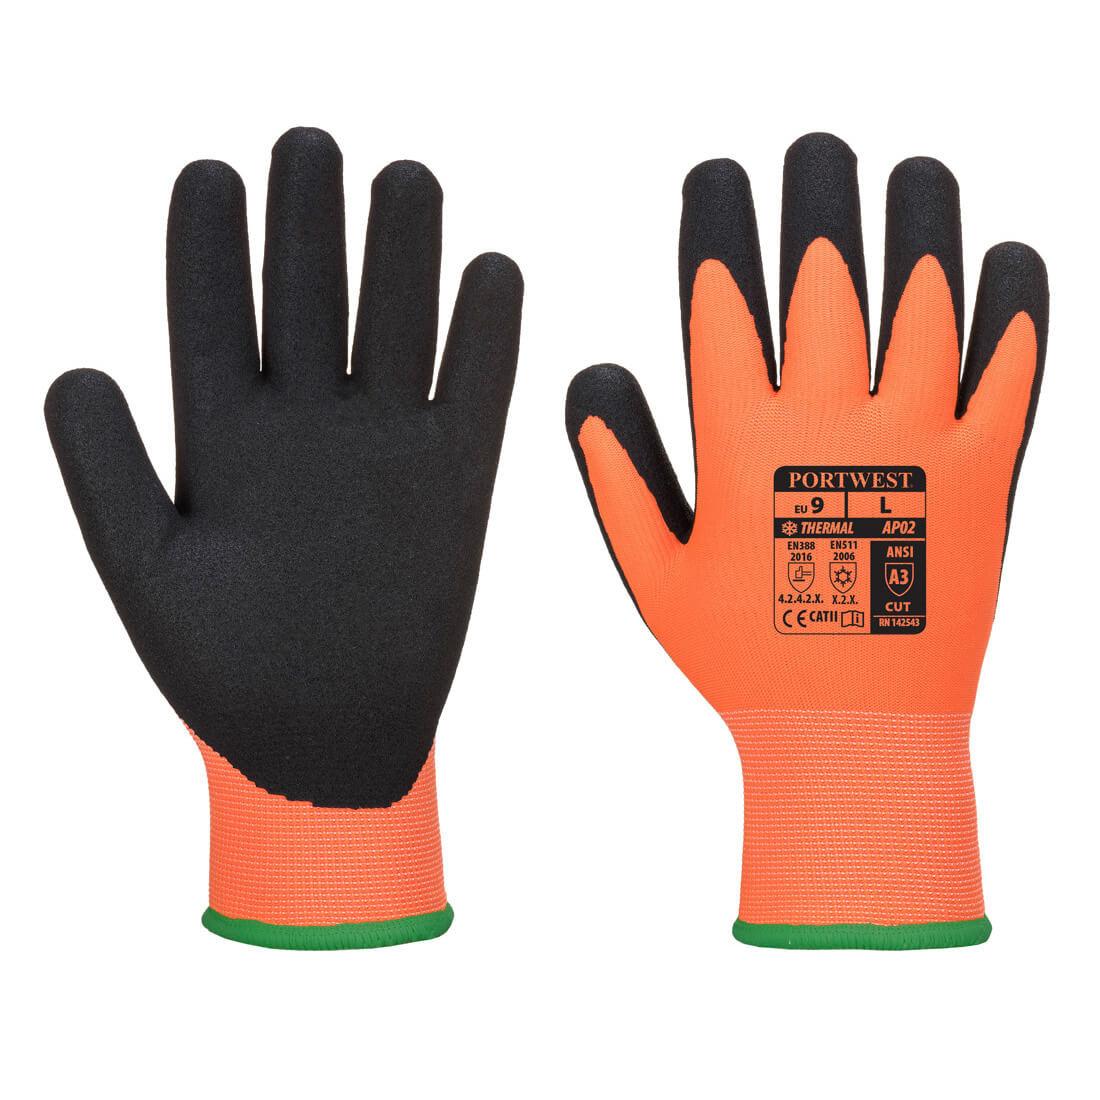 Thermo Pro Ultra - Echipamente de protectie personala